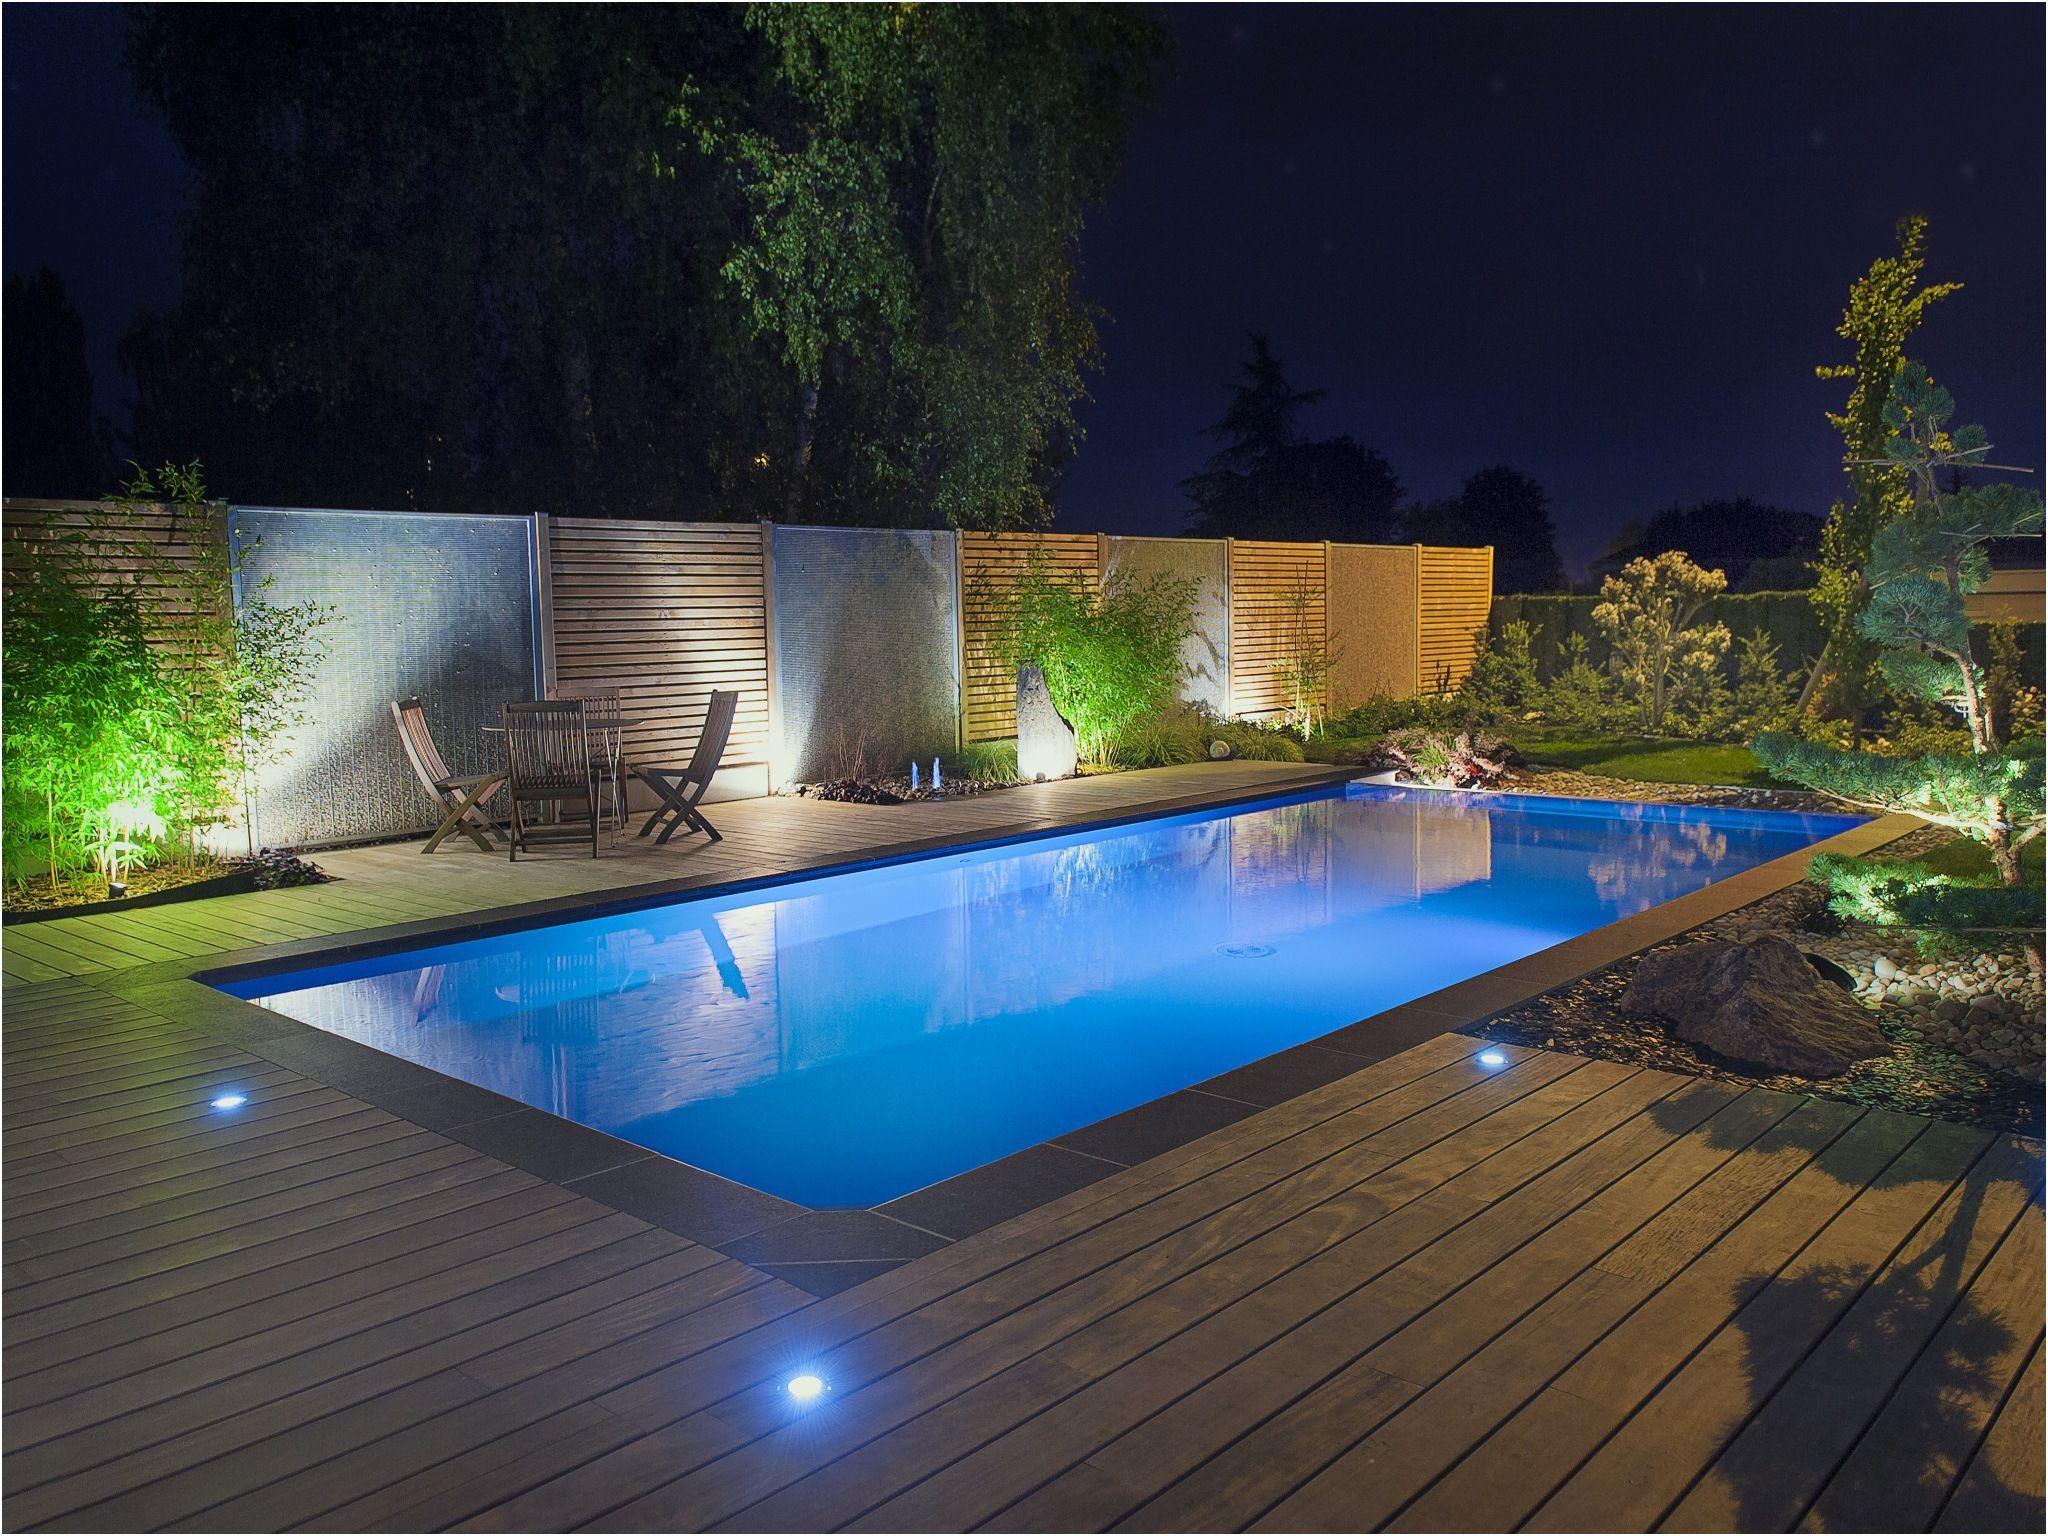 Idee Eclairage Terrasse Piscine eclairage plage piscine extérieure . 19 plus récent